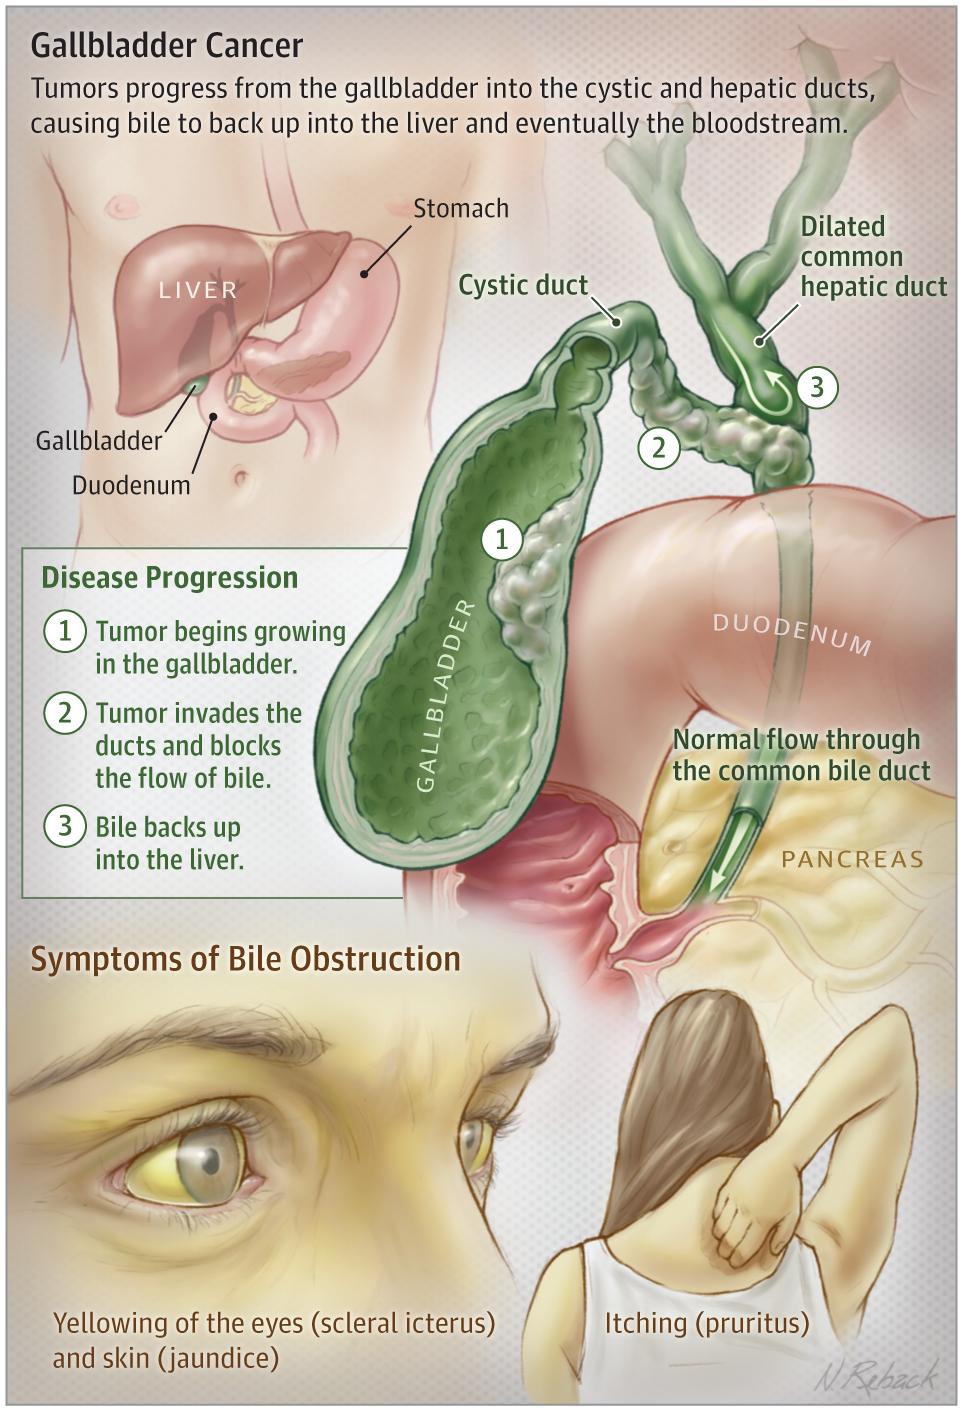 Gallbladder Cancer Gastroenterology Jama Jama Network